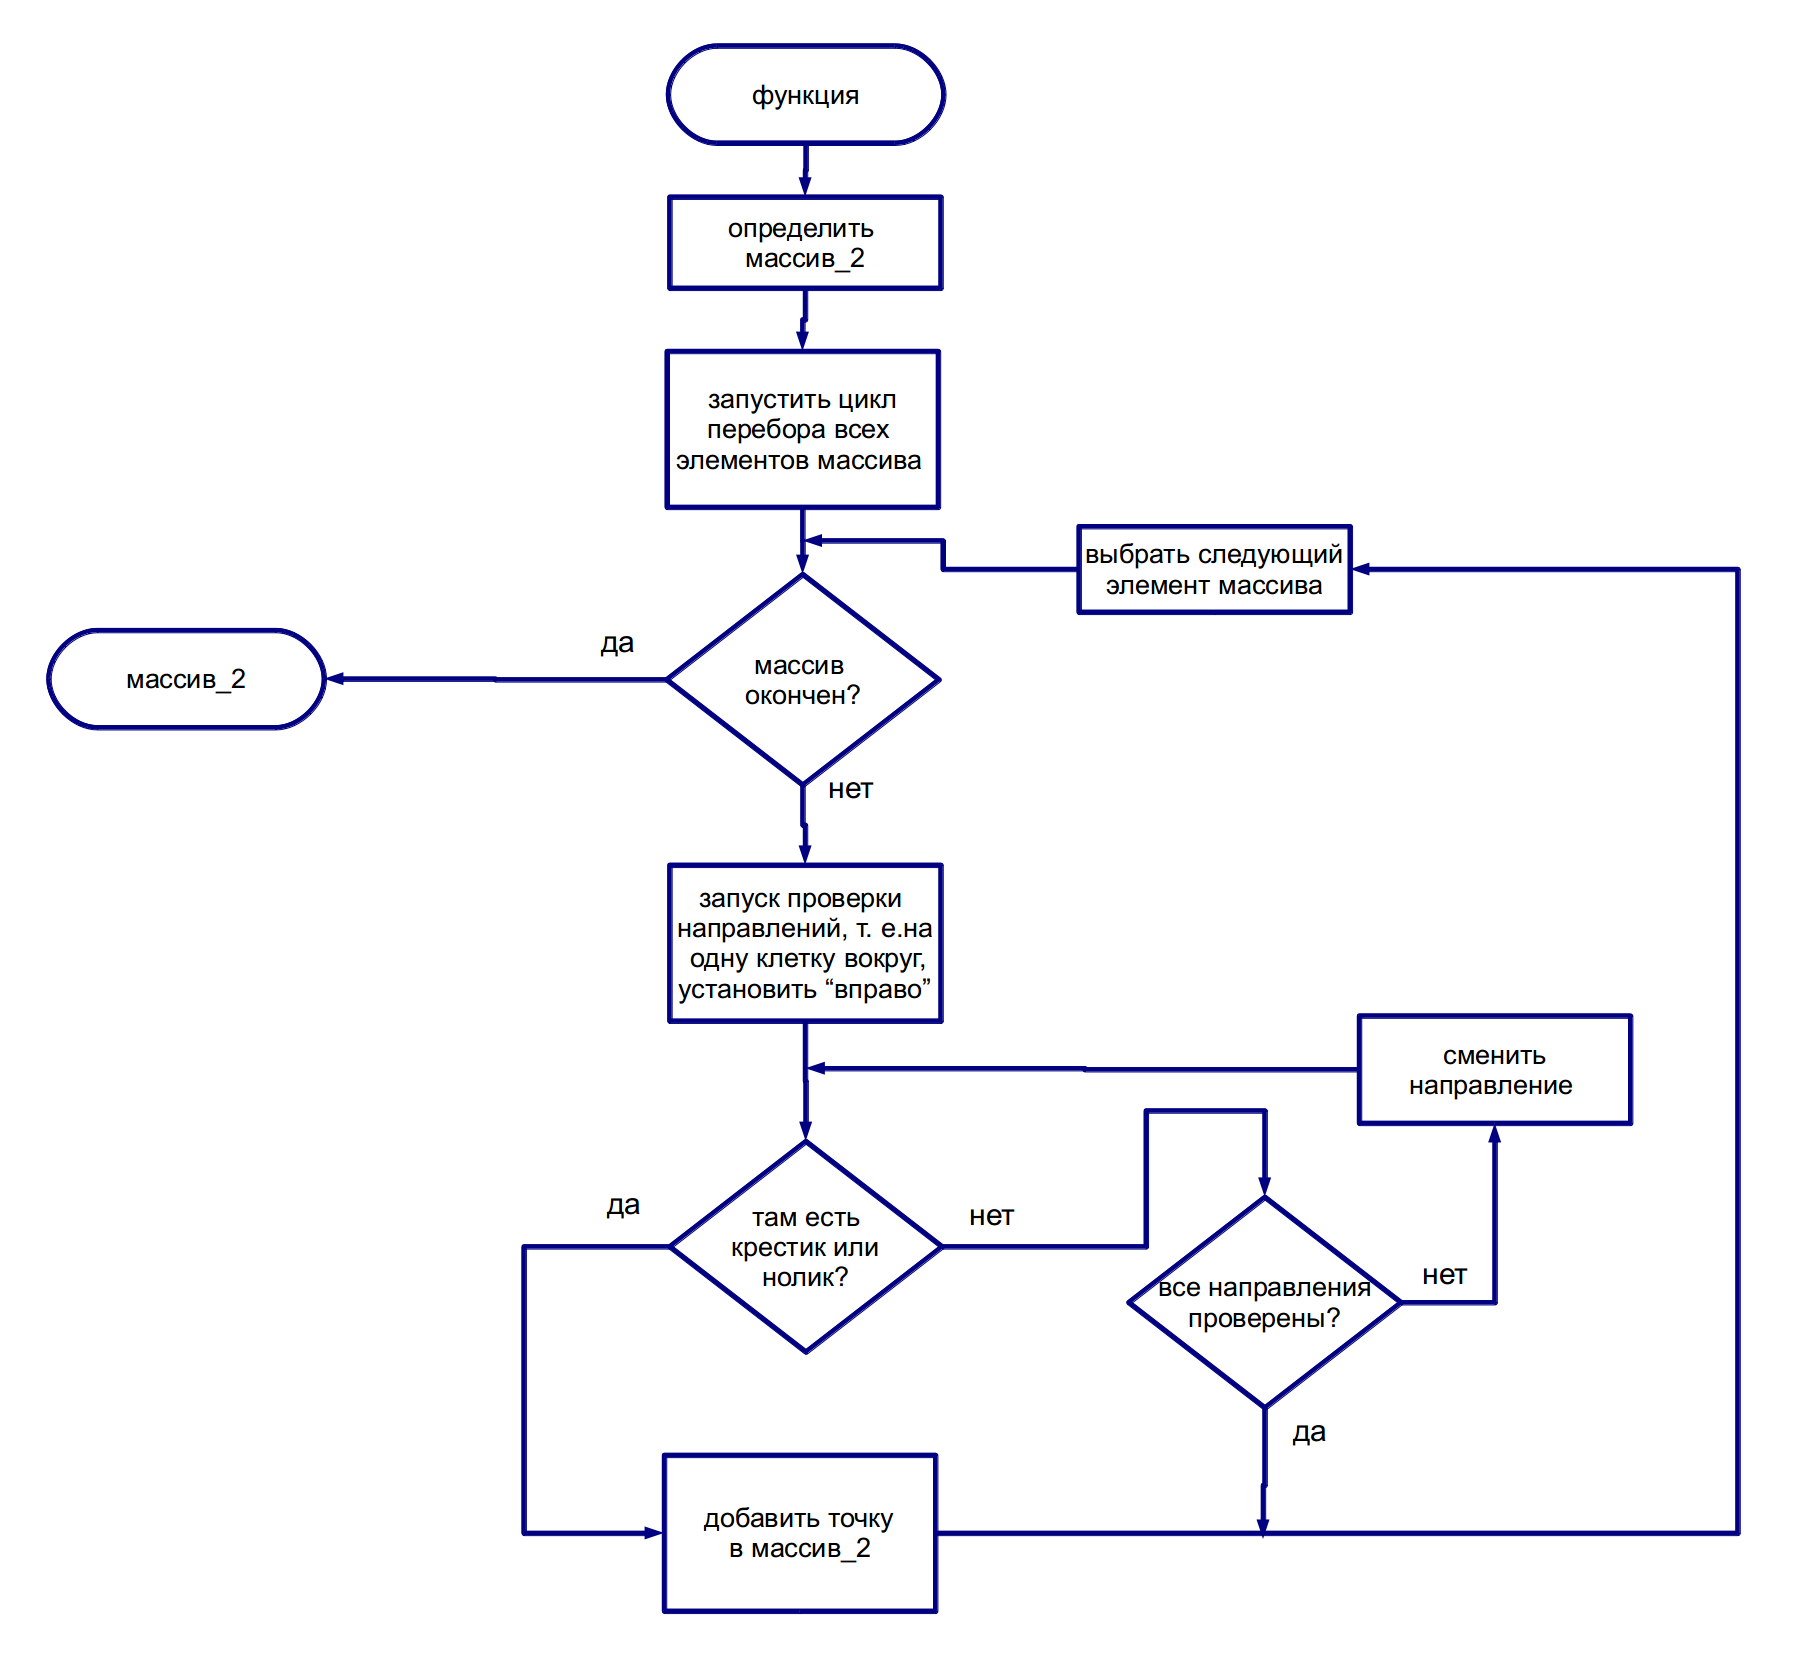 Как составлять блок схемы одномерного массива